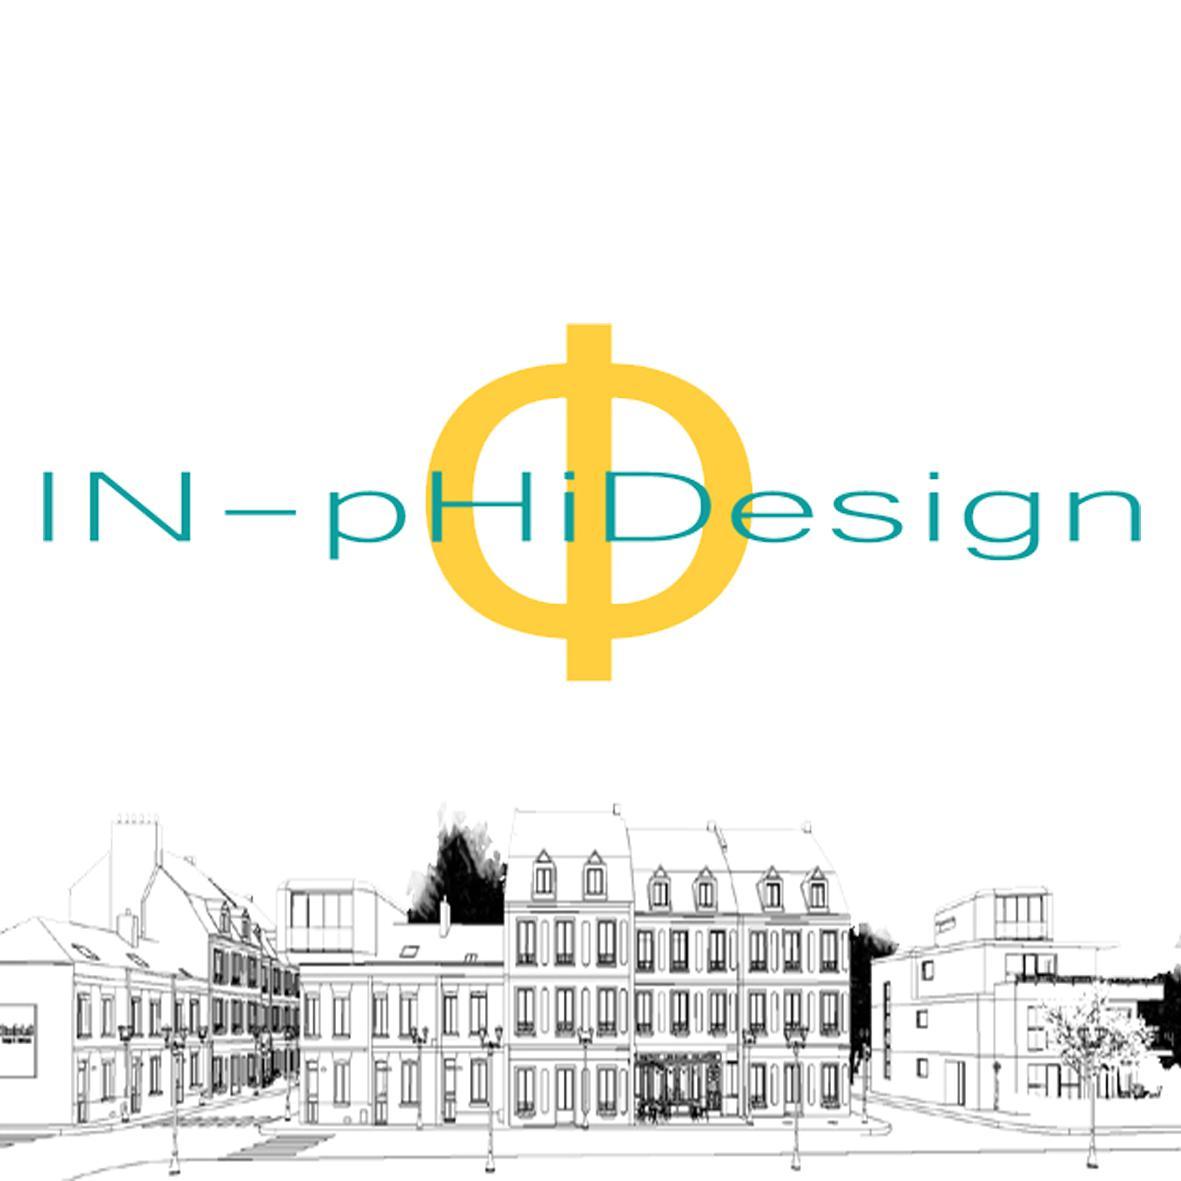 Architecte D Intérieur Auray in phi design à auray 56400 (r charles de blois): adresse